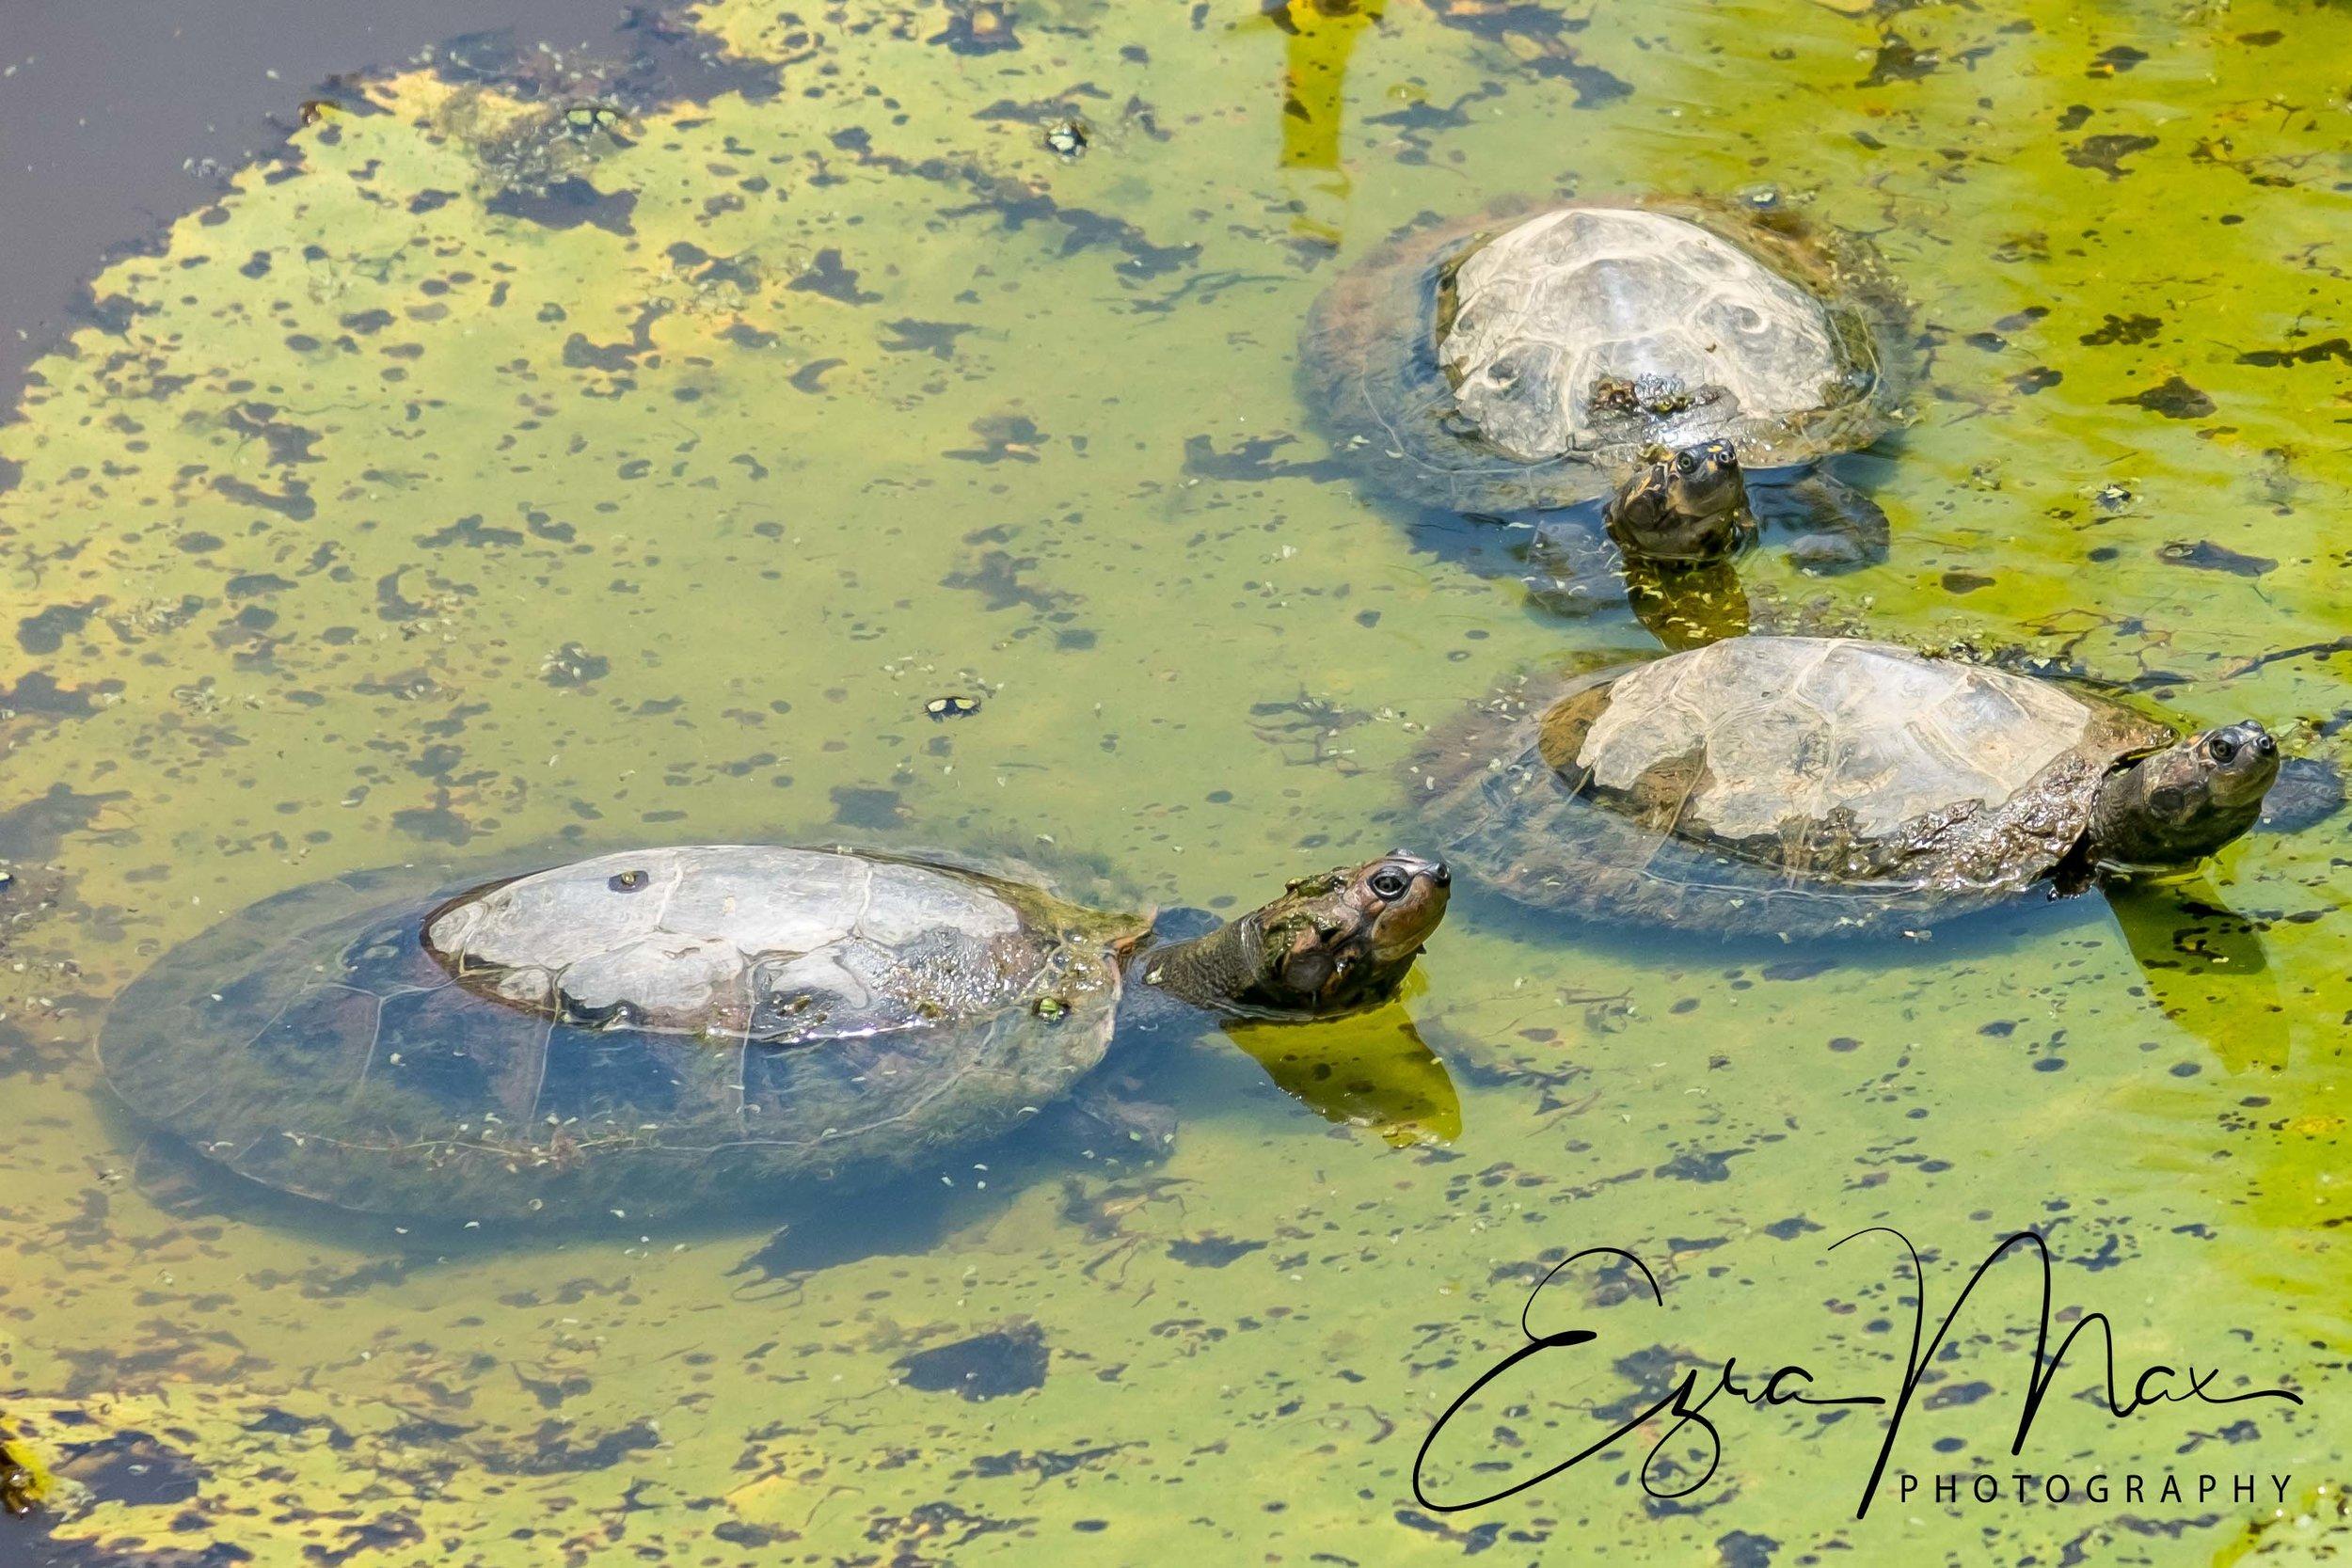 Turtles on a lilypad